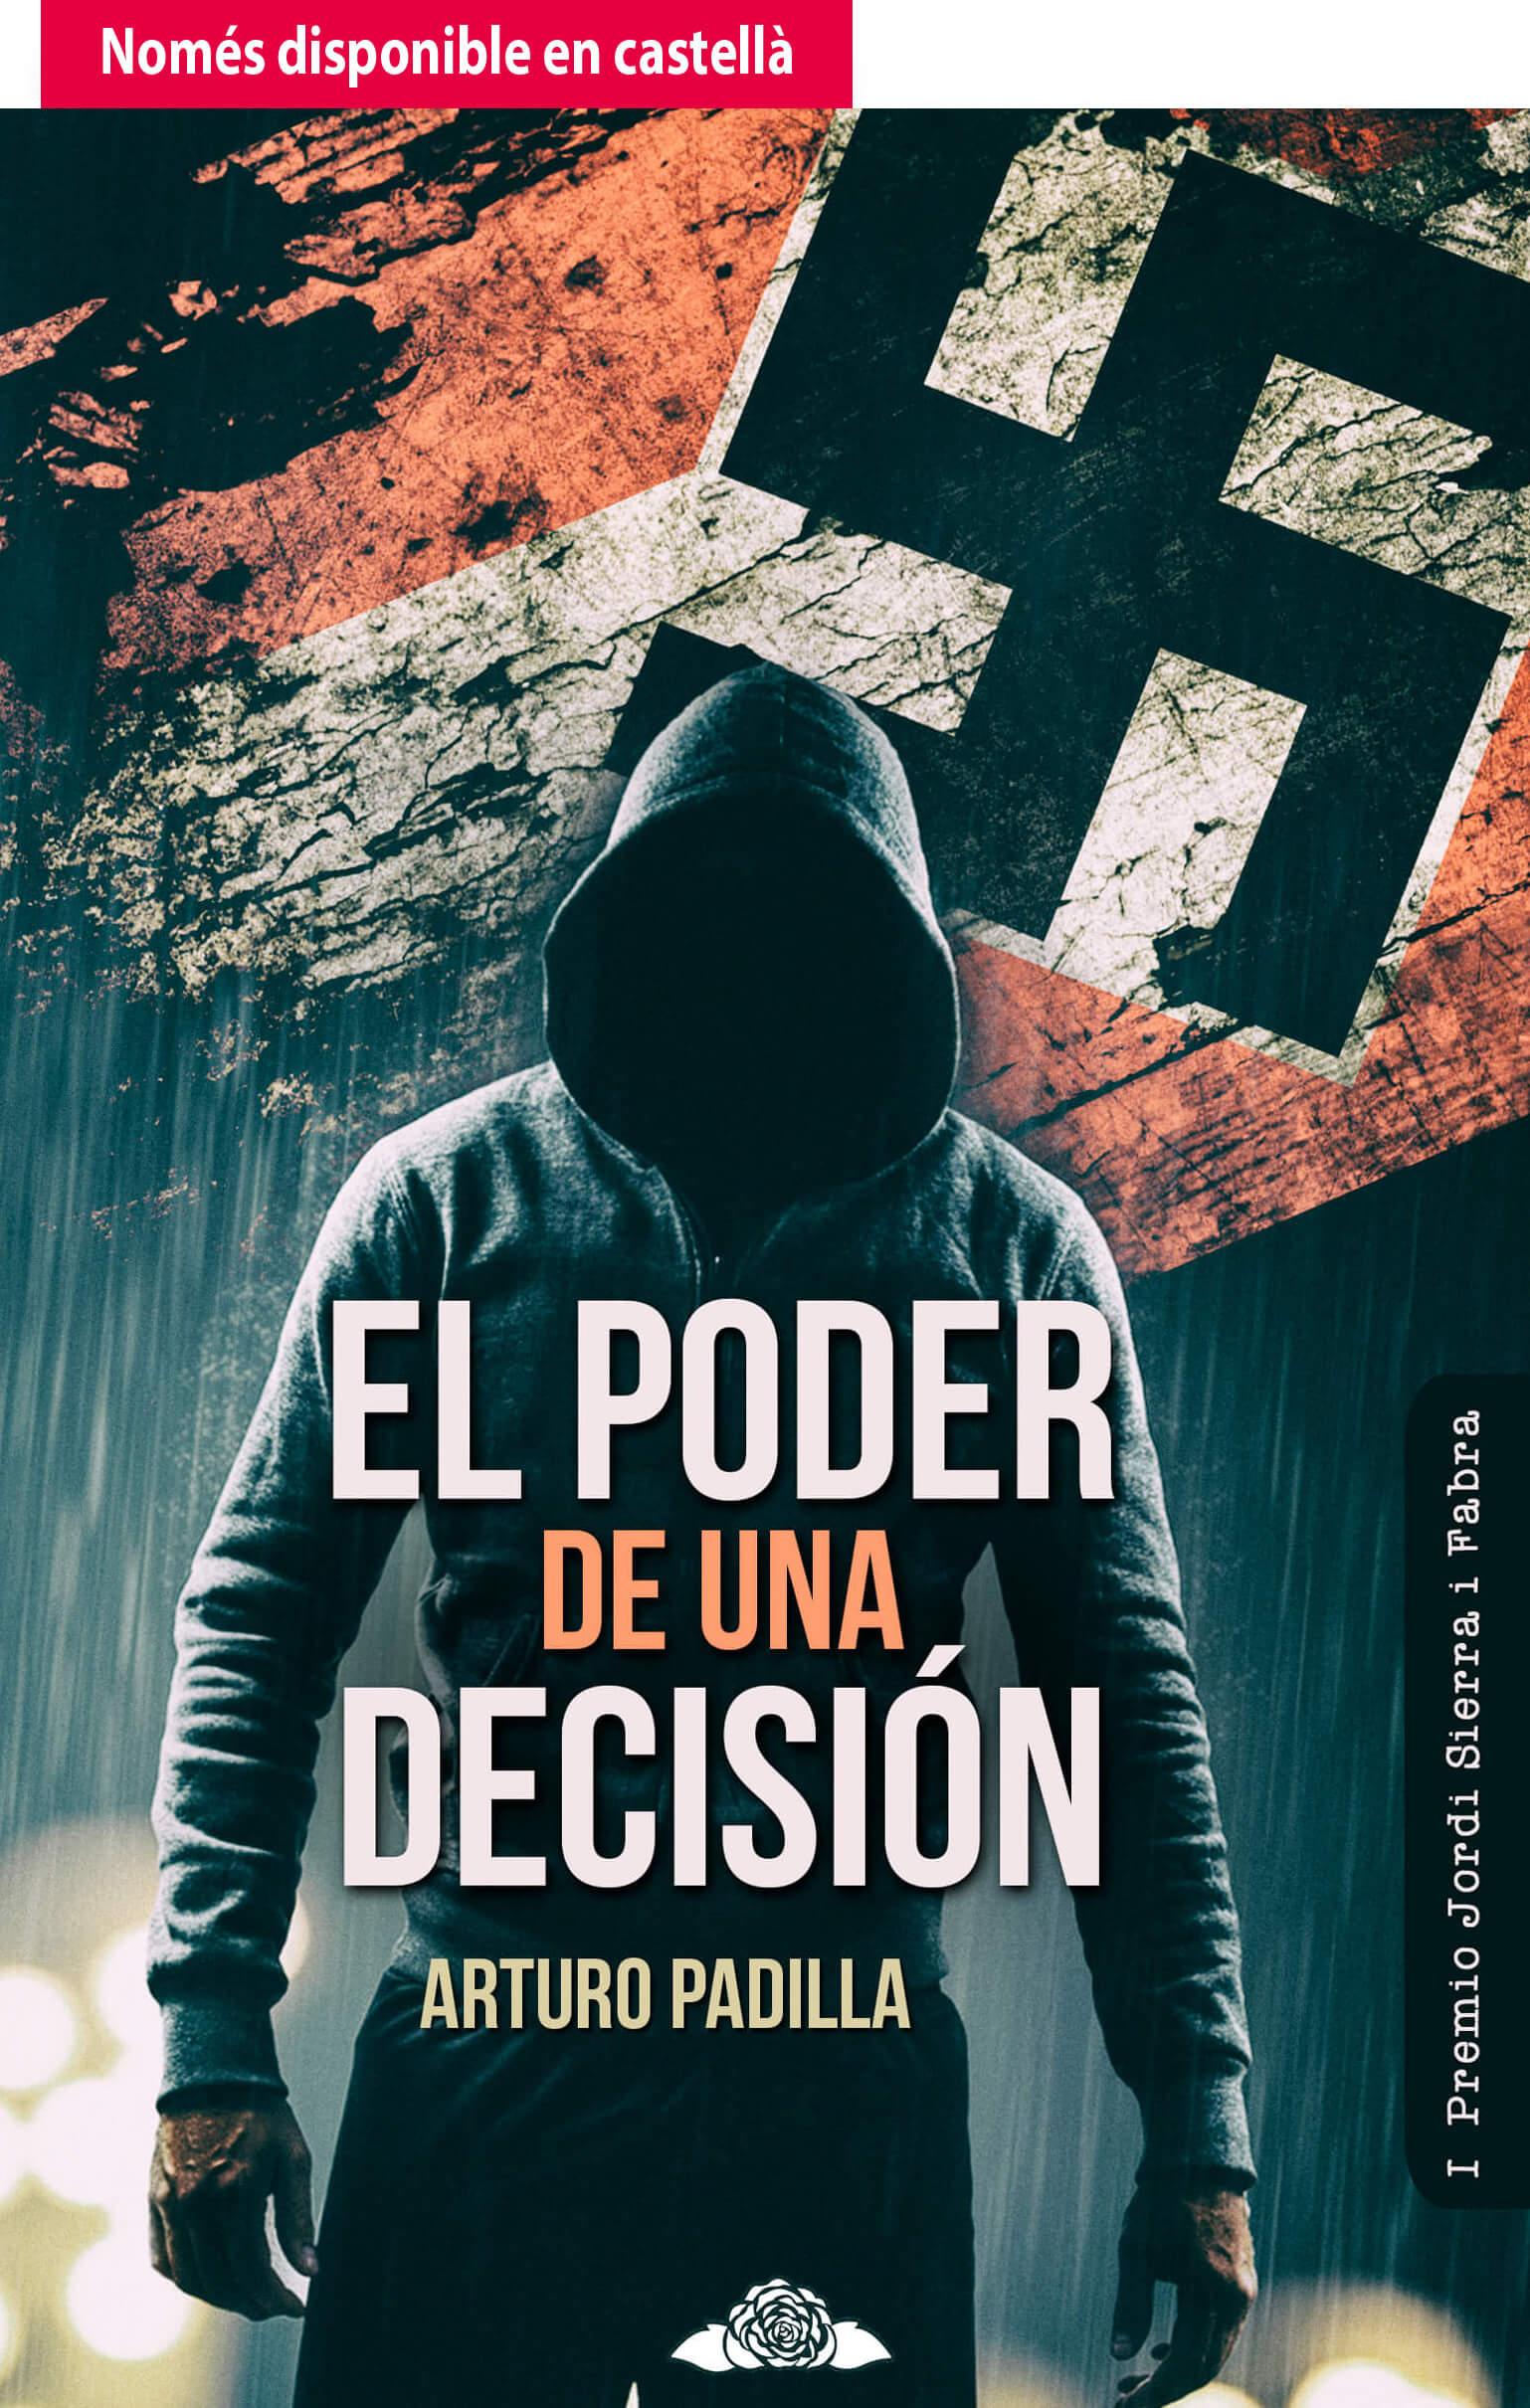 portada de el poder de una decision